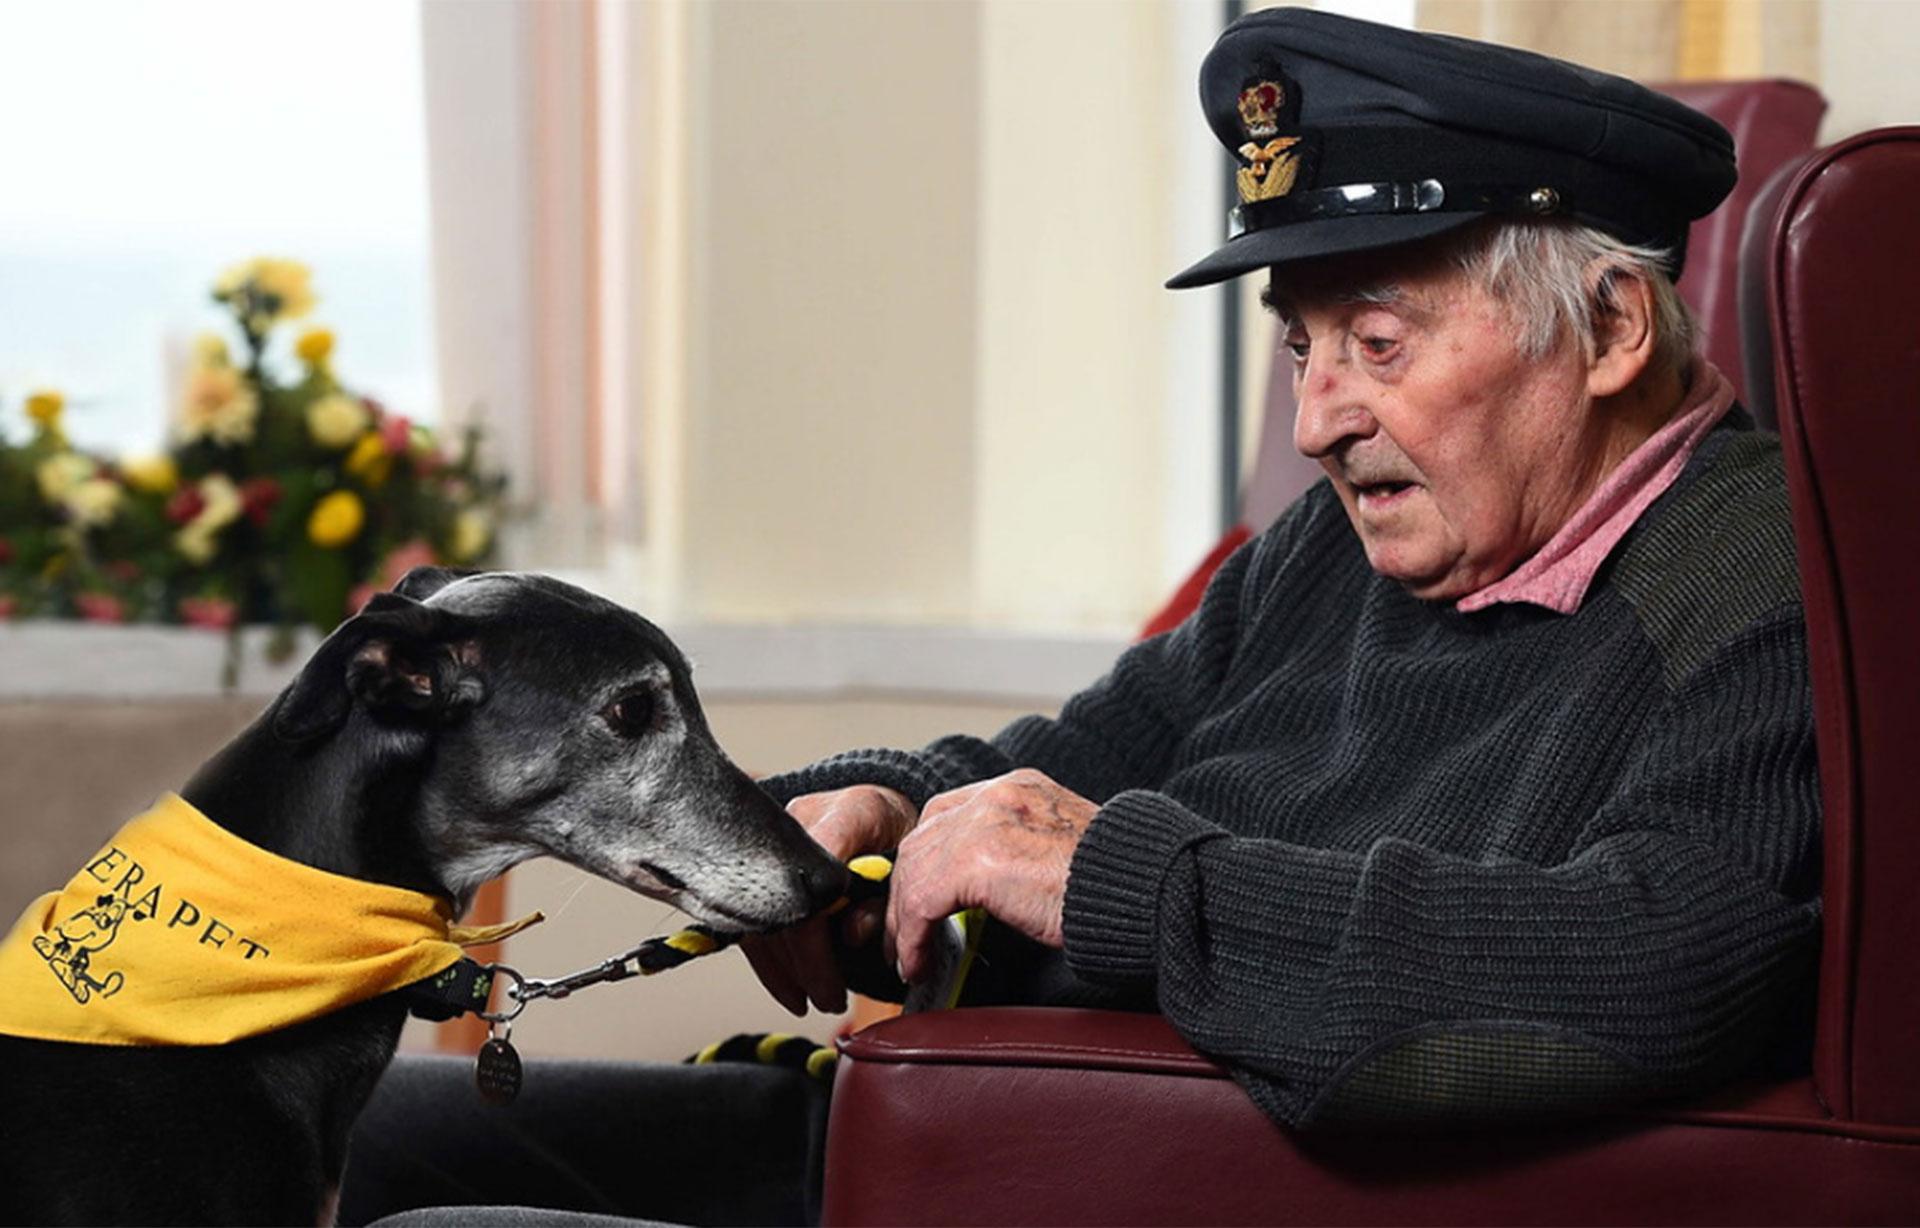 """Categoría: """"Perros de Asistencia"""". El ex piloto de la Fuerza Aérea Británica Duncan Currie, de 95 años, recibe la visita semanal de Megan, en Escocia, en un centro para ancianos (foto: Alasdair MacLeod)"""